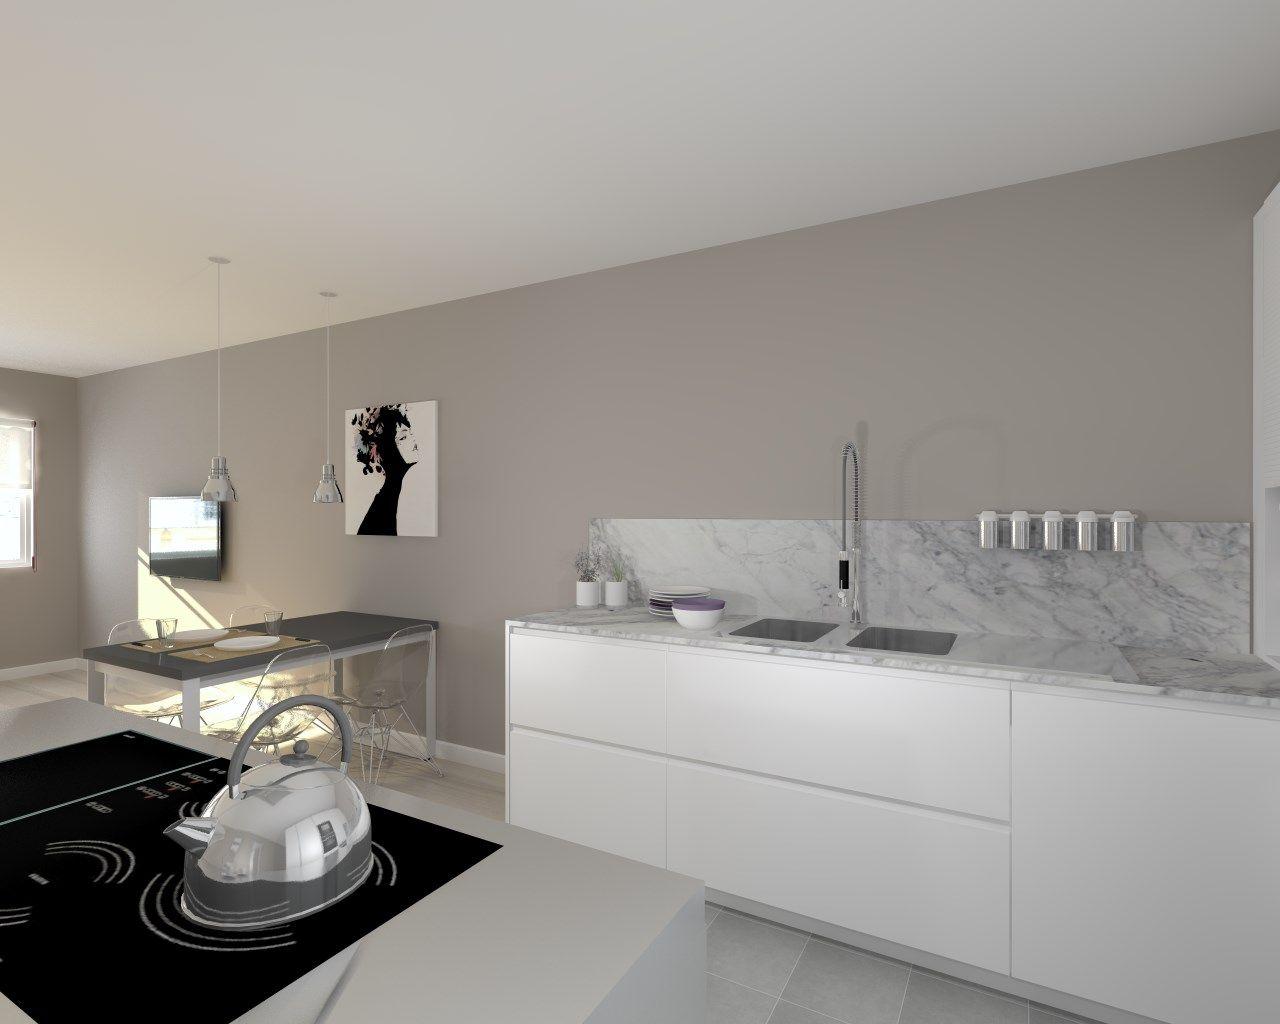 Cocina santos Modelo Line Estratificado Blanco Encimera Granito ...